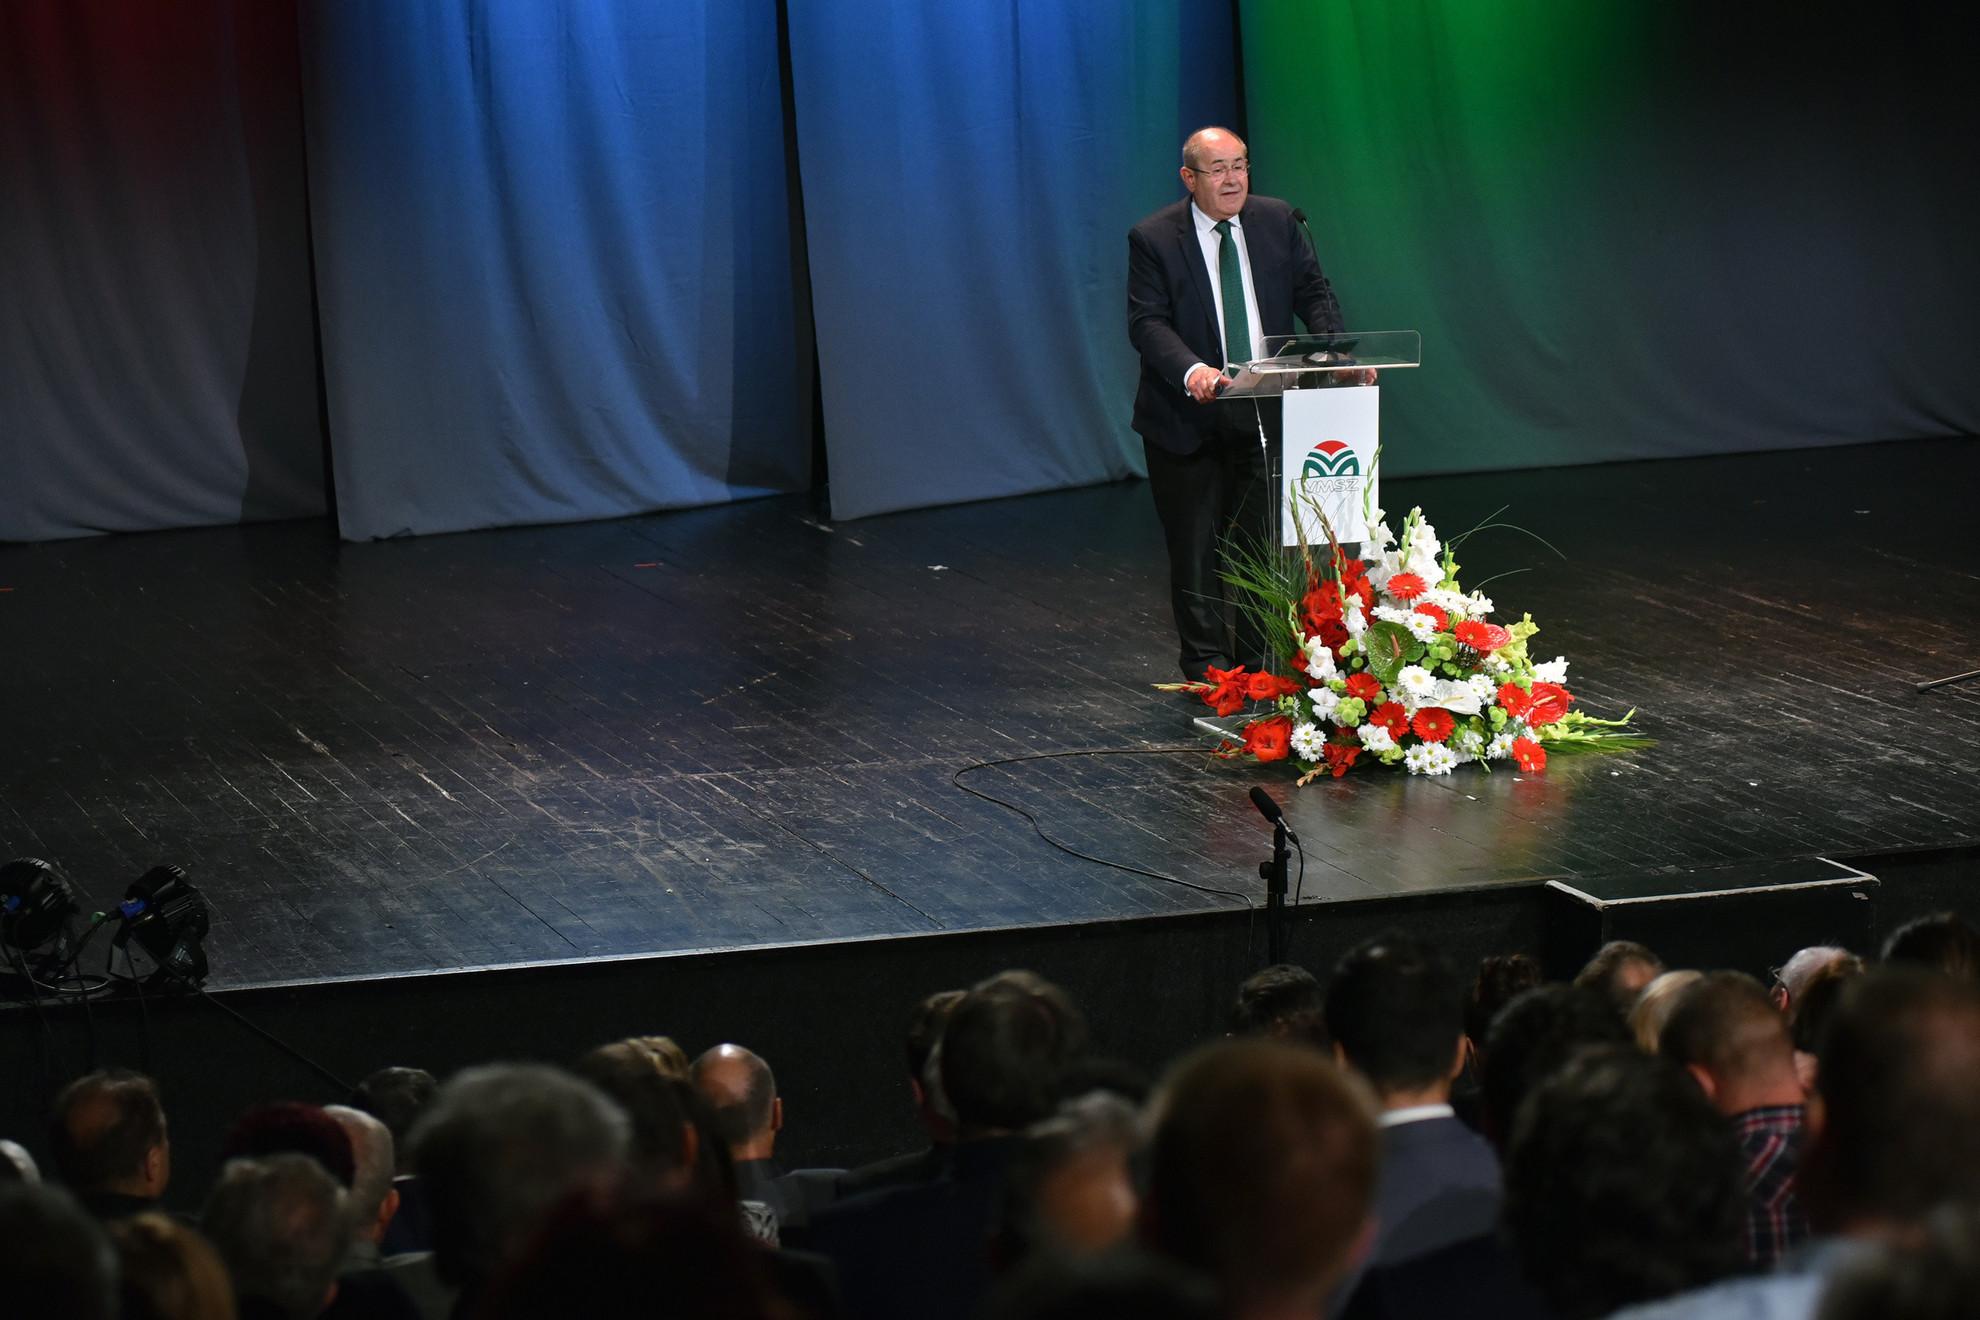 Pásztor István, a Vajdasági Magyar Szövetség (VMSZ) elnöke beszédet mond a VMSZ központi megemlékezésén a szabadkai Népszínház Jadrán Színpadán